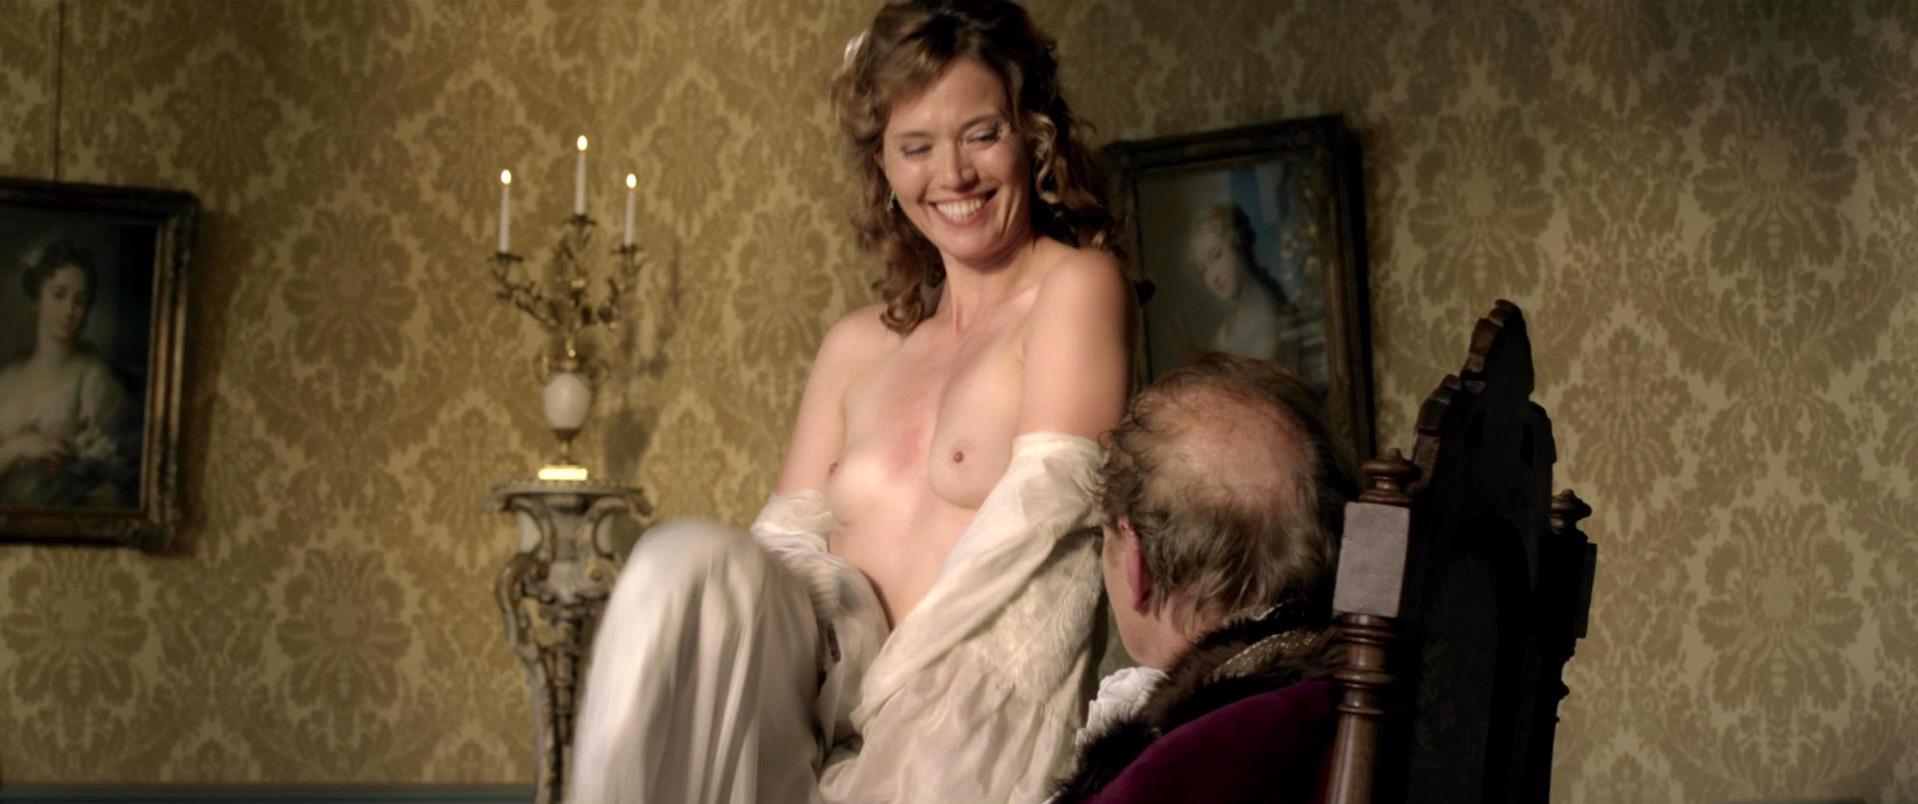 Aurelie Meriel nude - Admiral (2014)